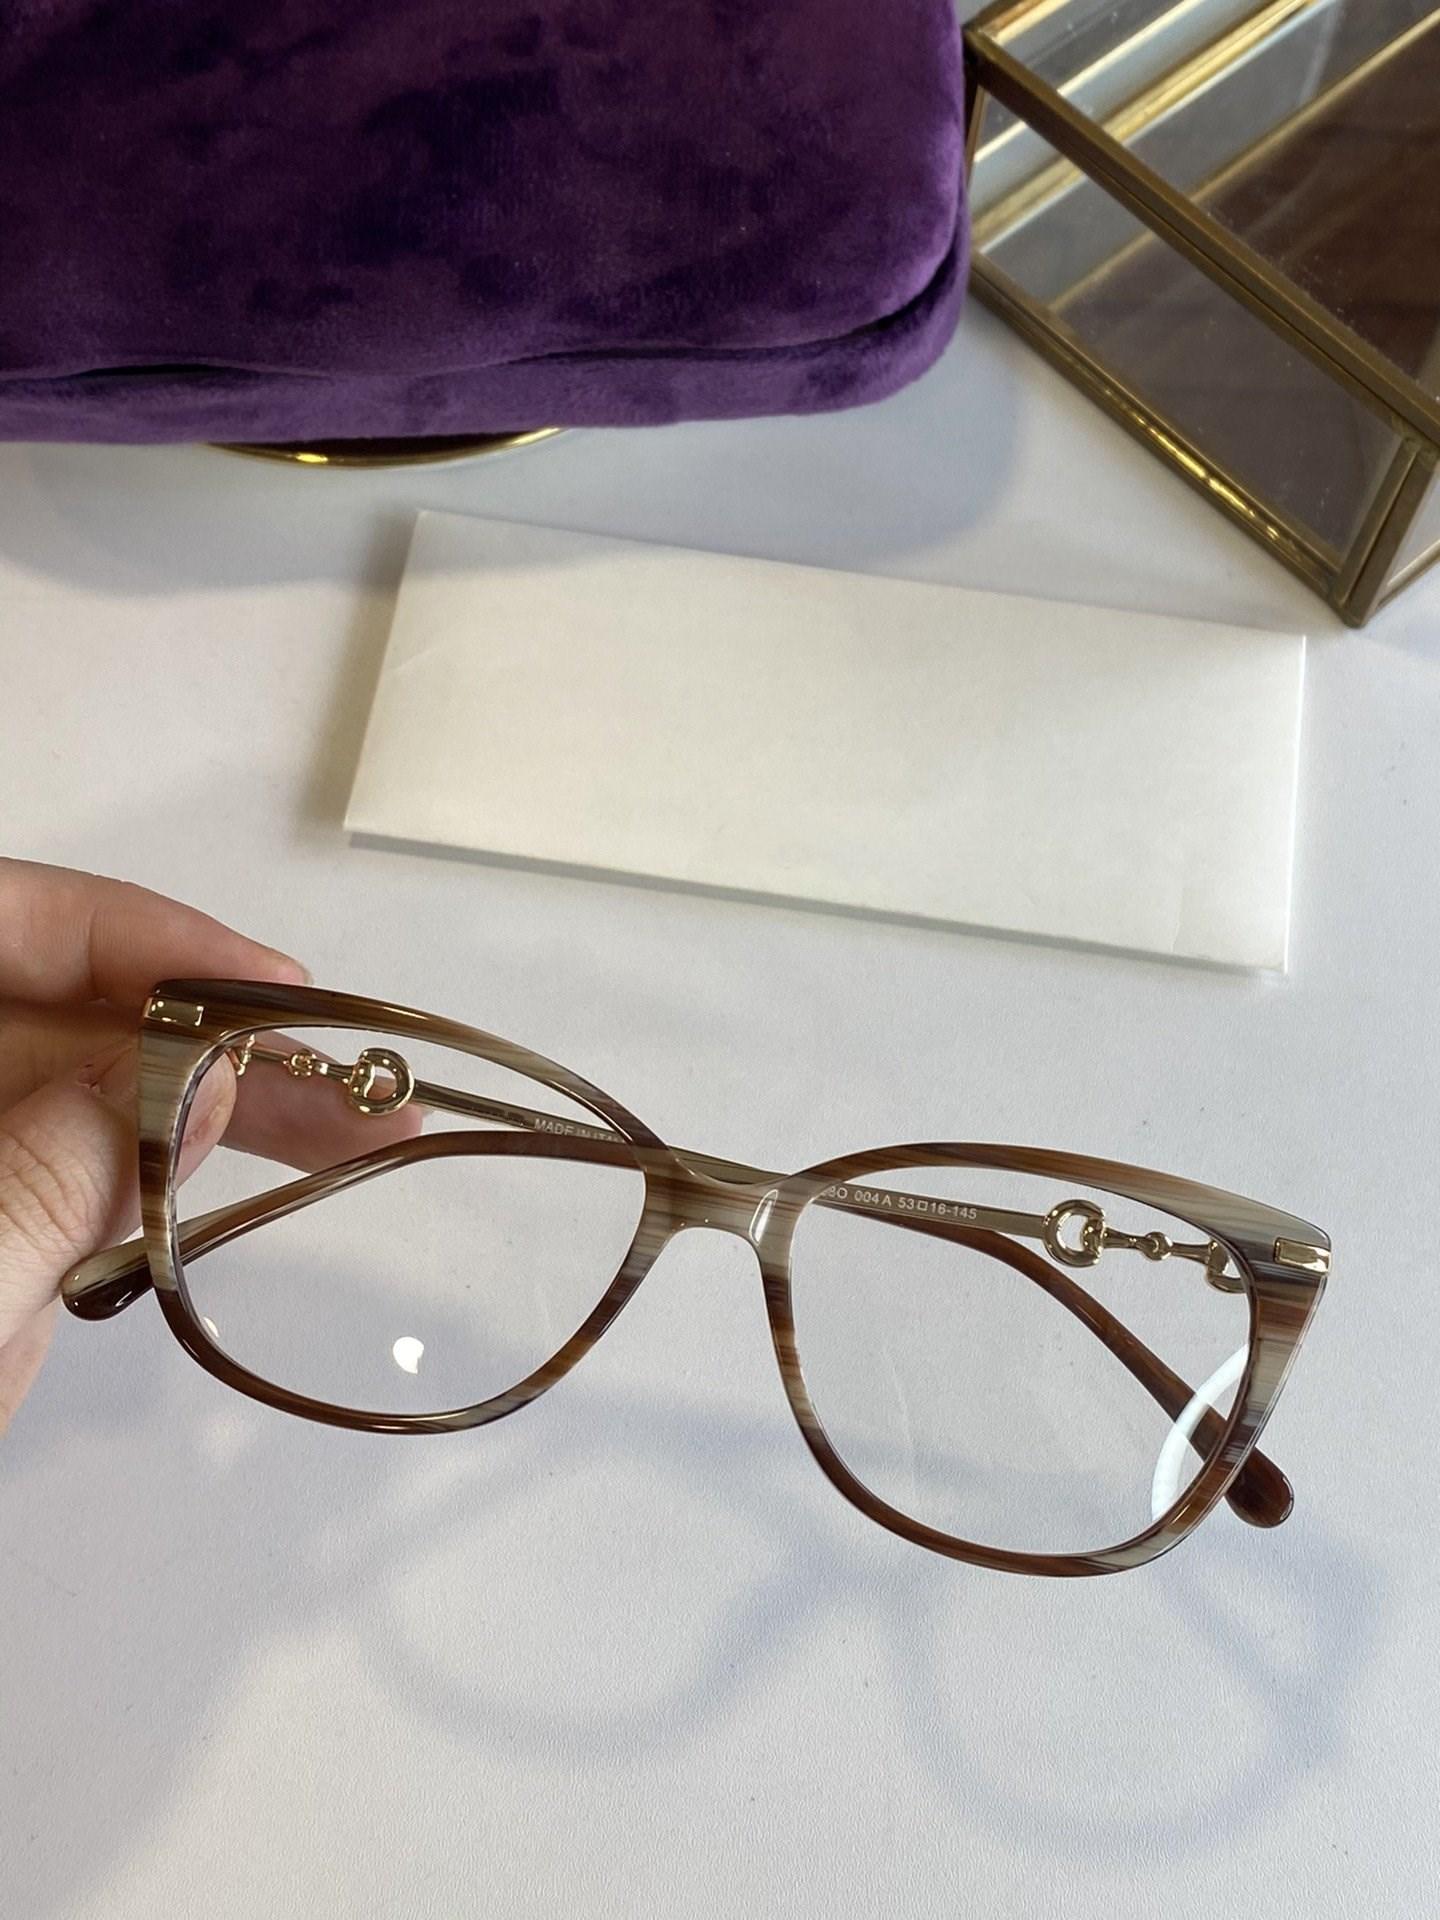 qualidade óculos combinando moda gradiente das mulheres nova alta, luz requintado moda de luxo de moda de óculos quadro full frame glasses 0758